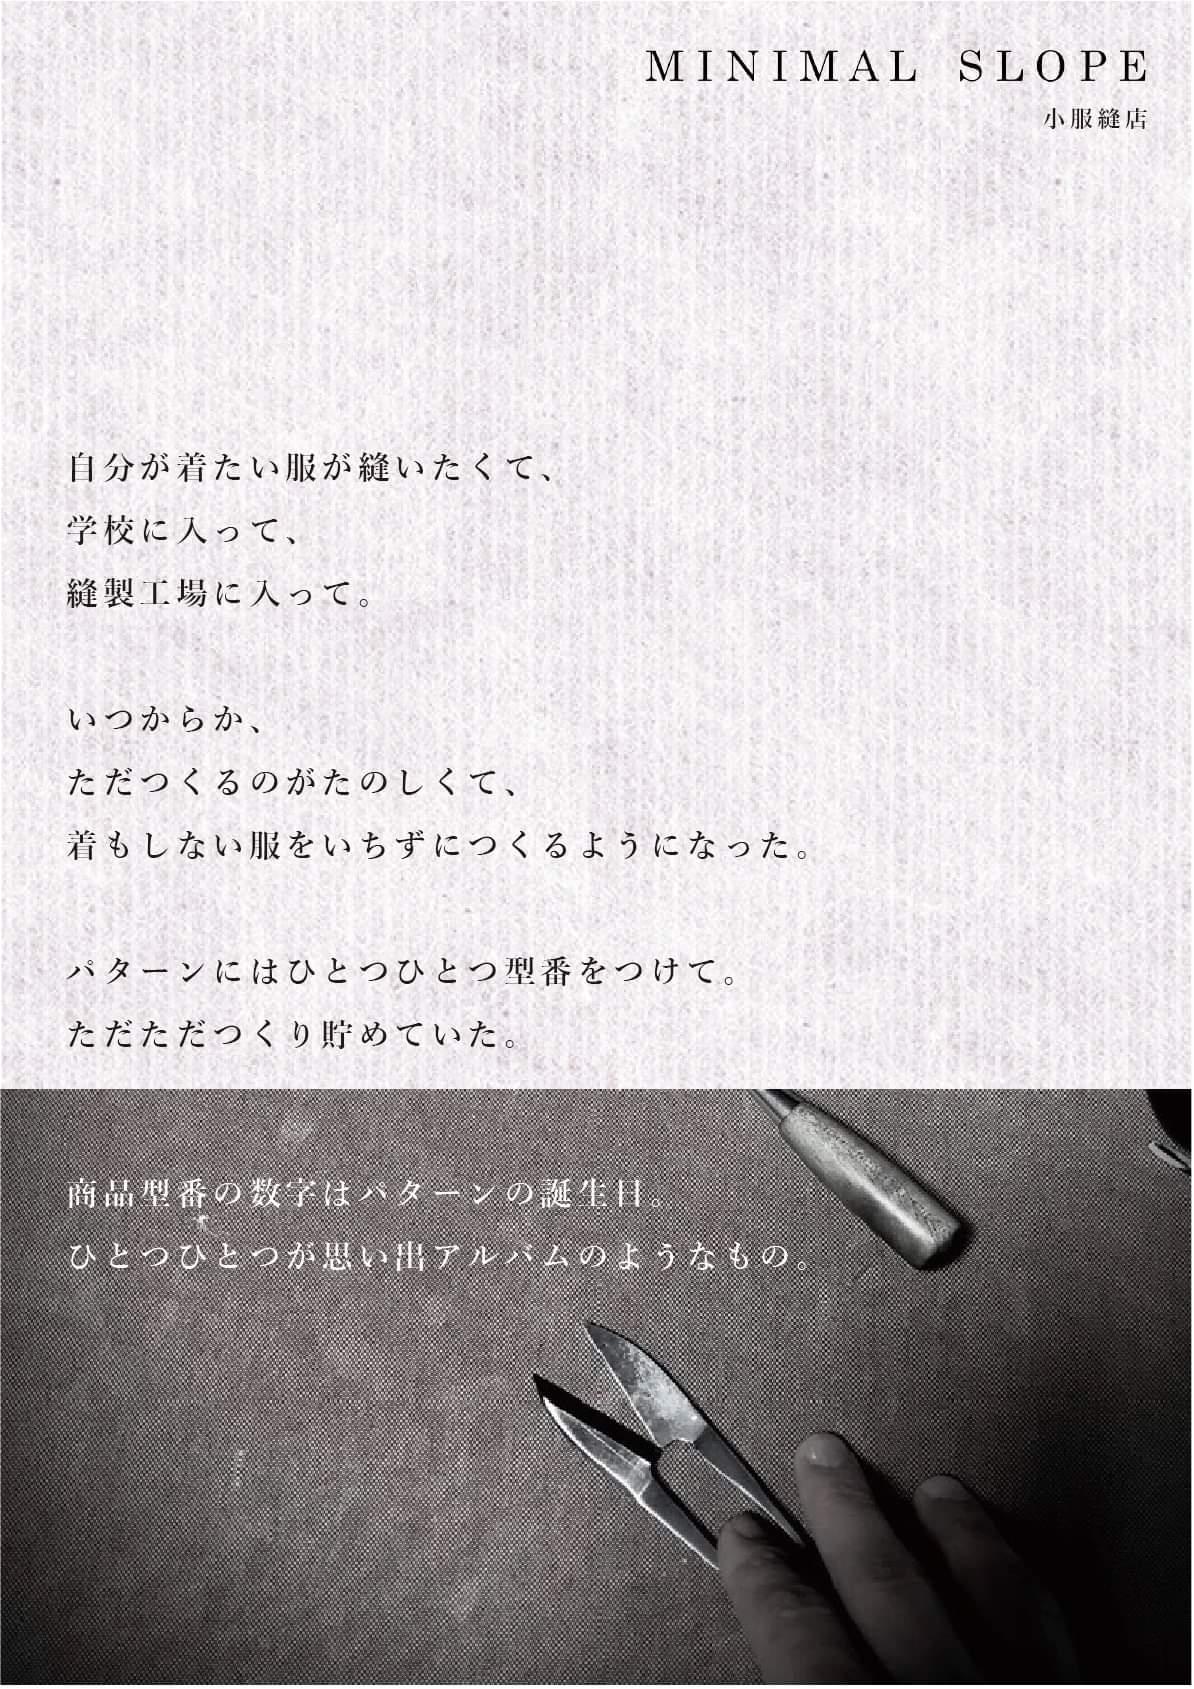 «MINIMAL SLOPE»  はじまりました!!!